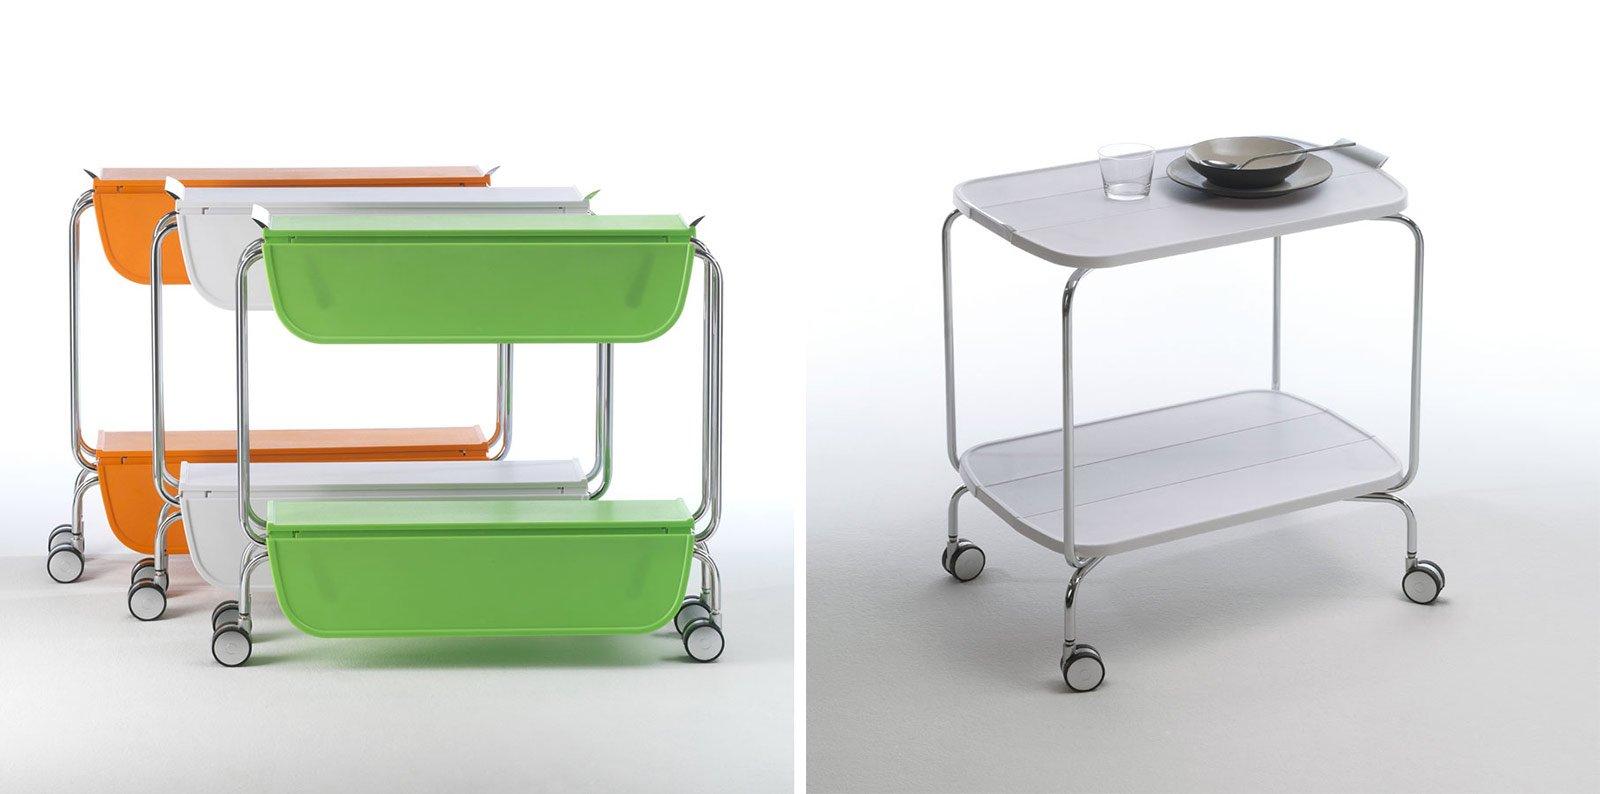 Consolle Carrello. Smart Di Pezzani è Realizzato In Acciaio Cromato E  #AF5D1C 1600 794 Carrello Cucina Ikea Acciaio